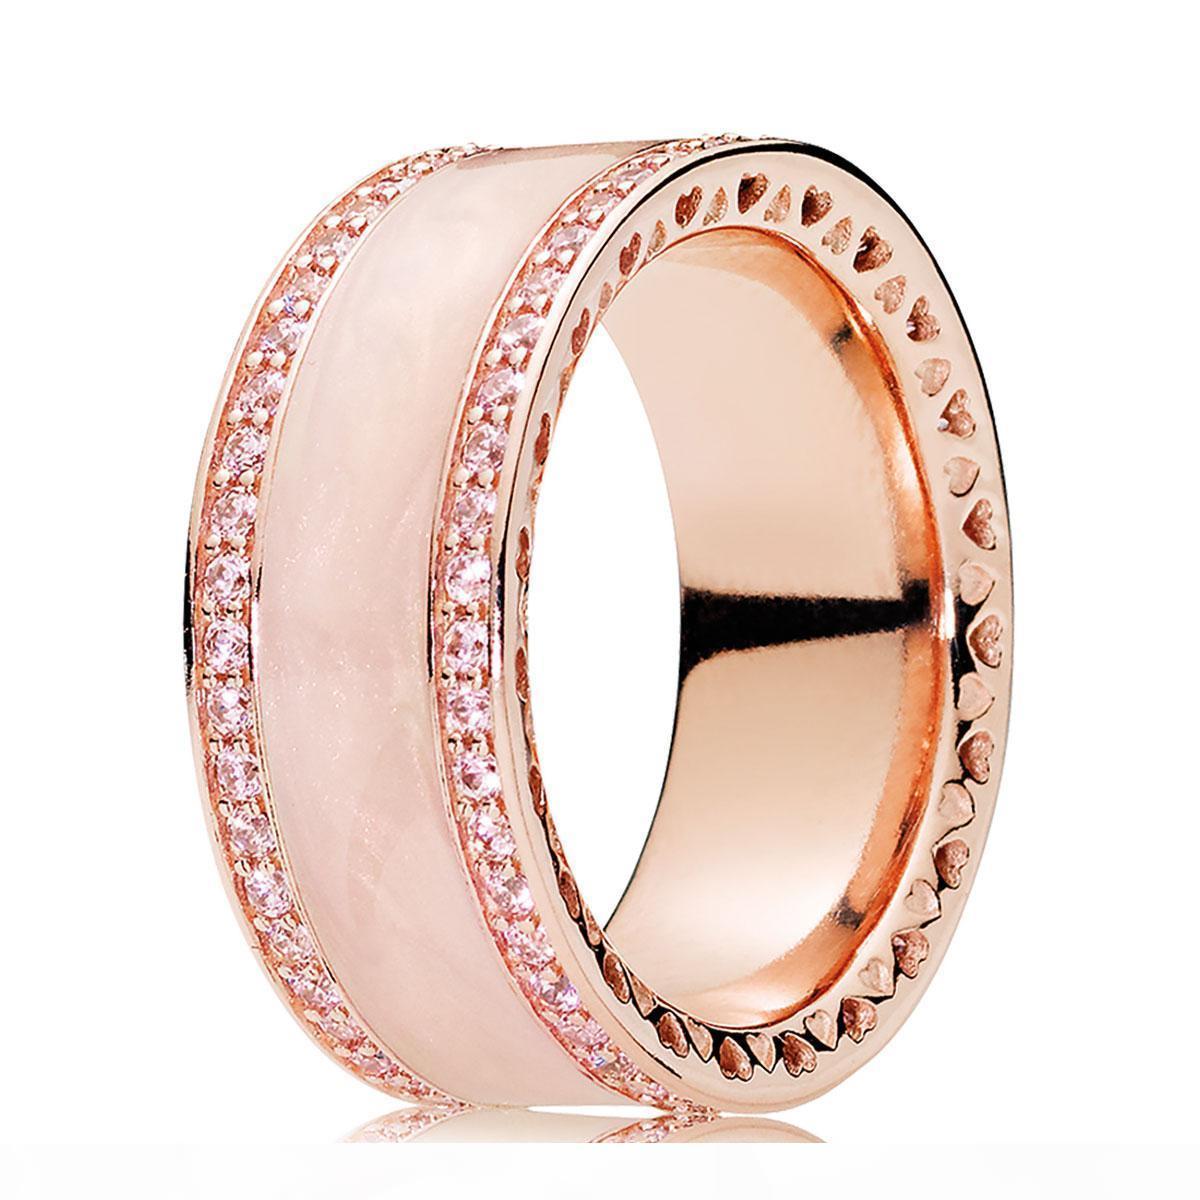 Oro de 18 quilates Rose plateado sobre plata esterlina Crema de esmalte de joyería Borrar CZ Anillo Fit Pandora encanto de la manera del anillo de compromiso de los amantes de la boda 925